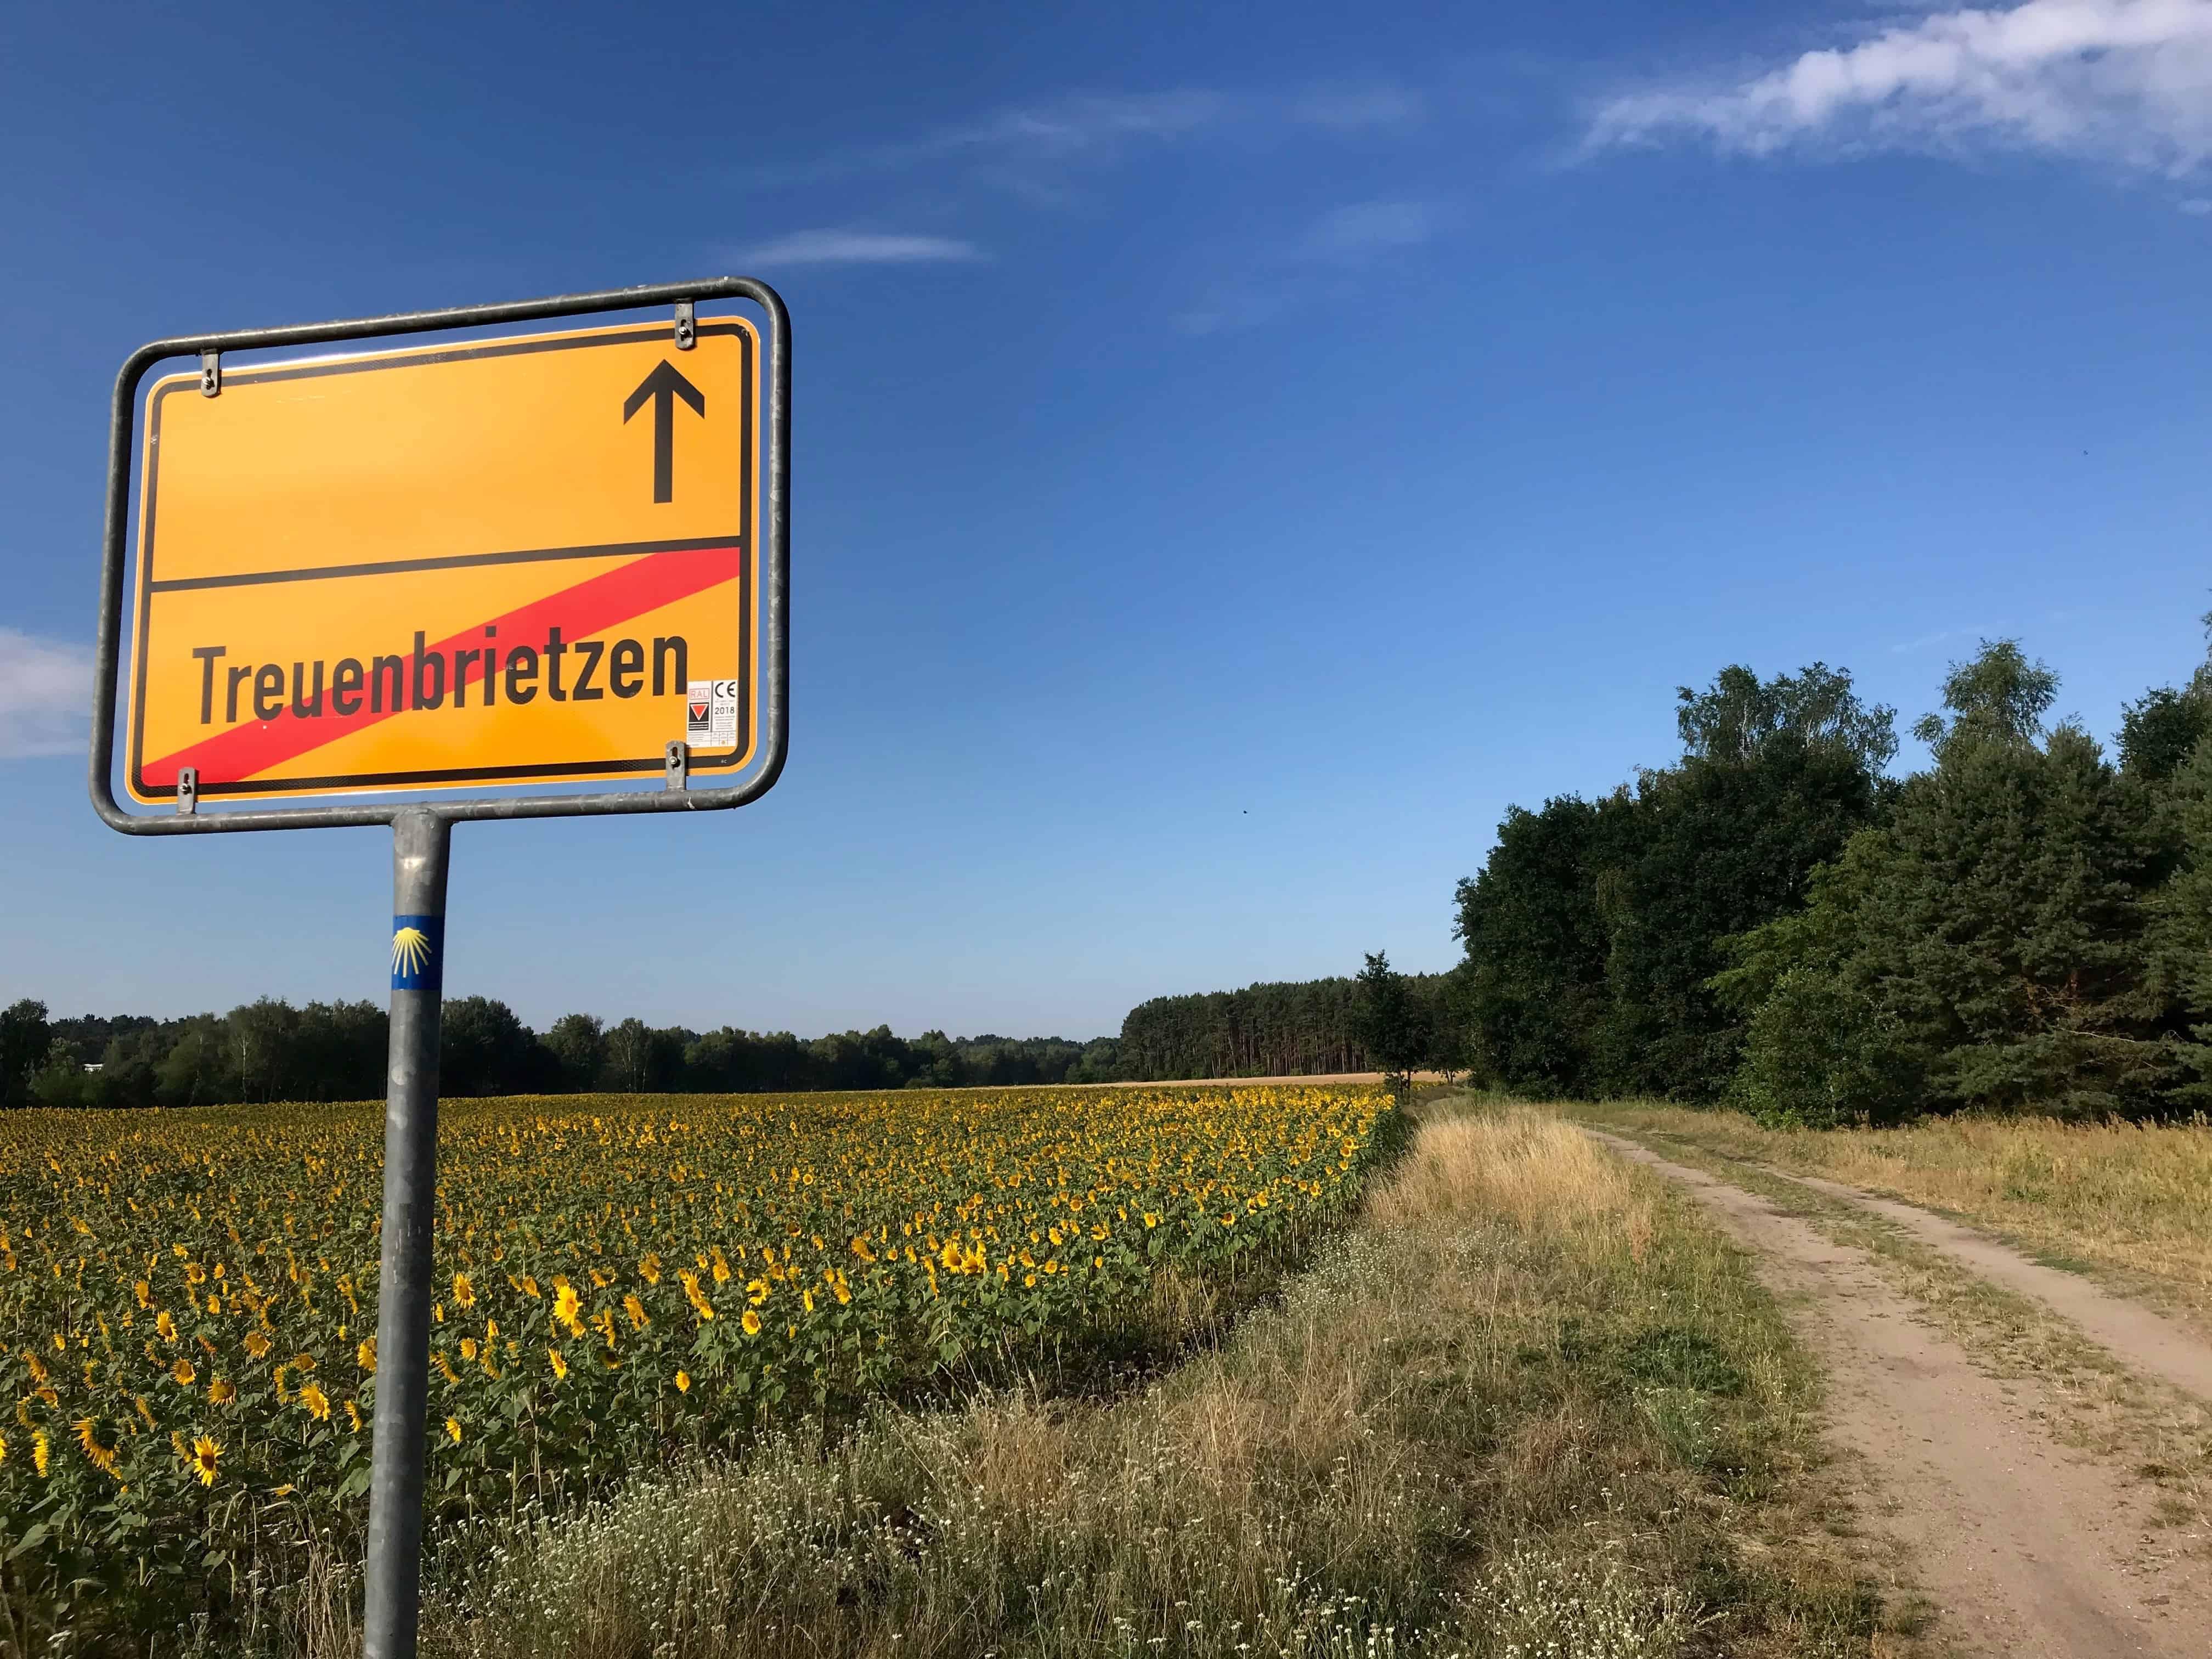 Meine 5. Etappe auf der Via Imperii: Treuenbrietzen - Marzahna - Misses Backpack